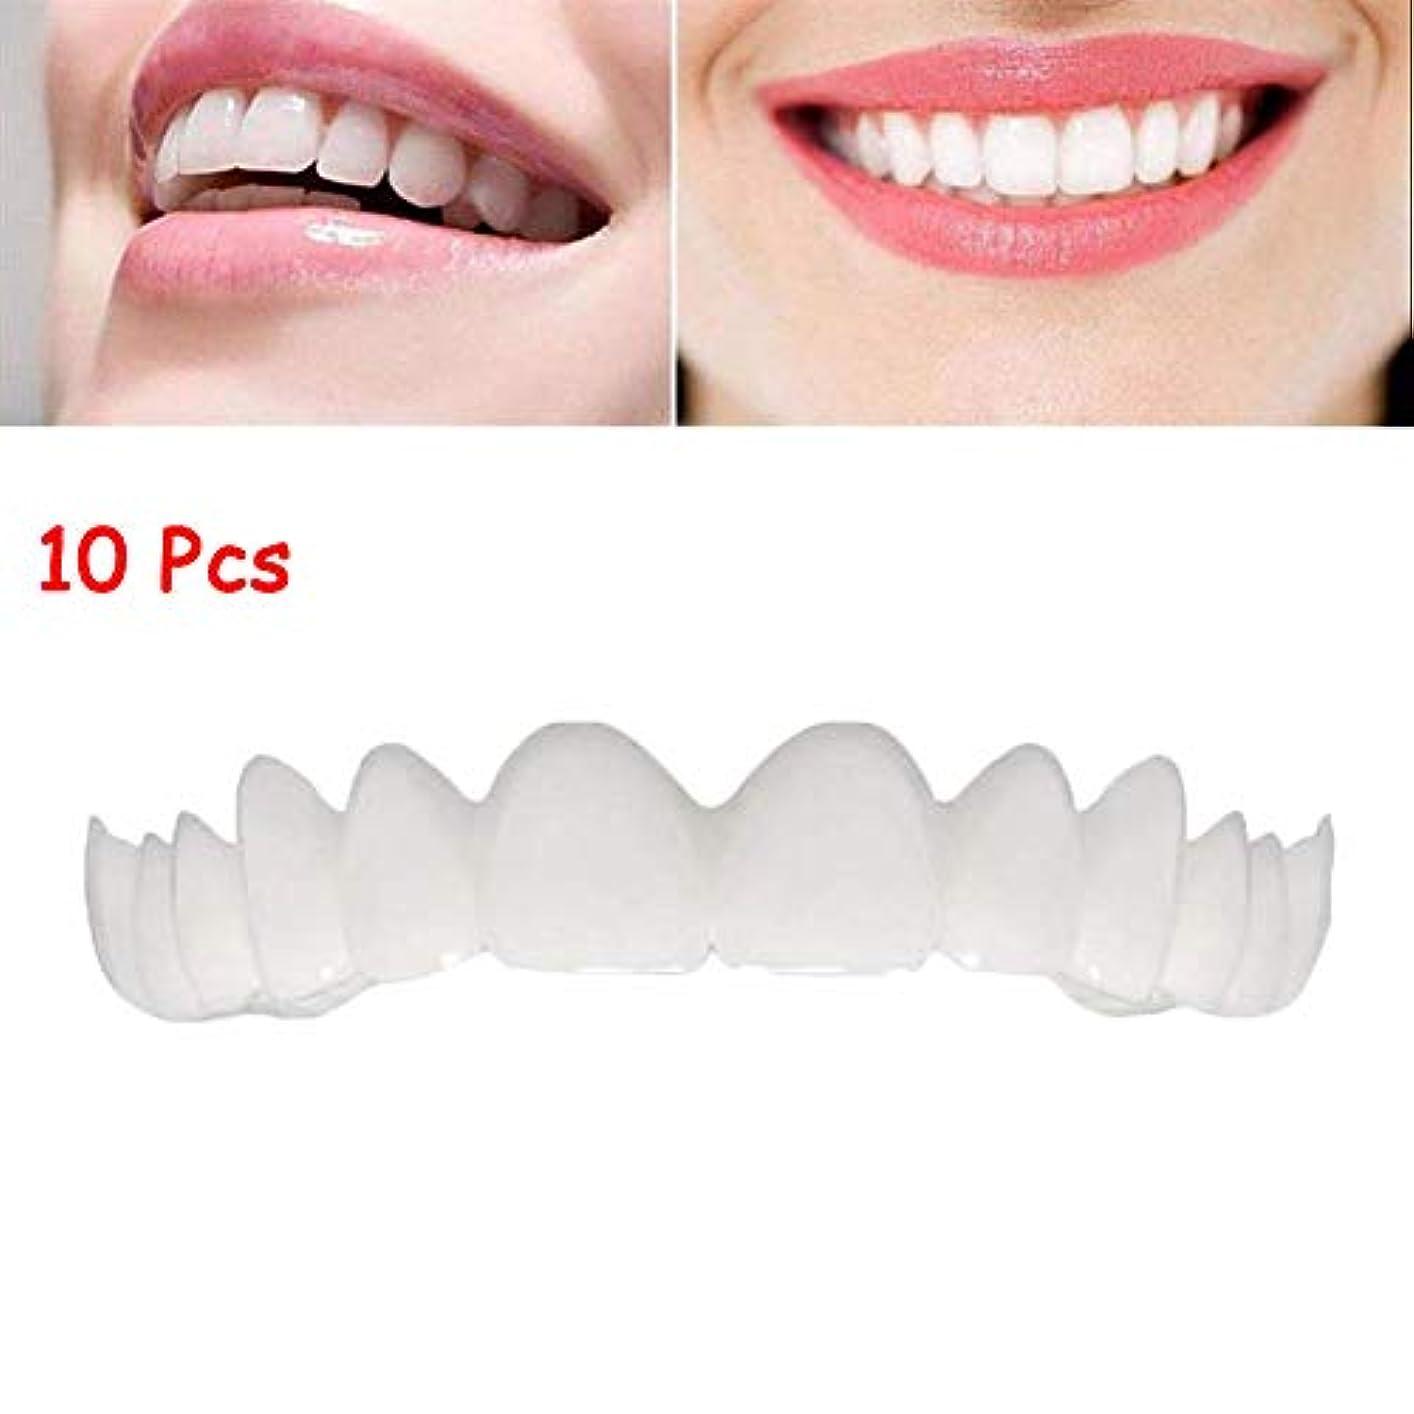 ケーキ処理する特徴づける10個の一時的な化粧品の歯の義歯は歯を白くするブレースを模擬